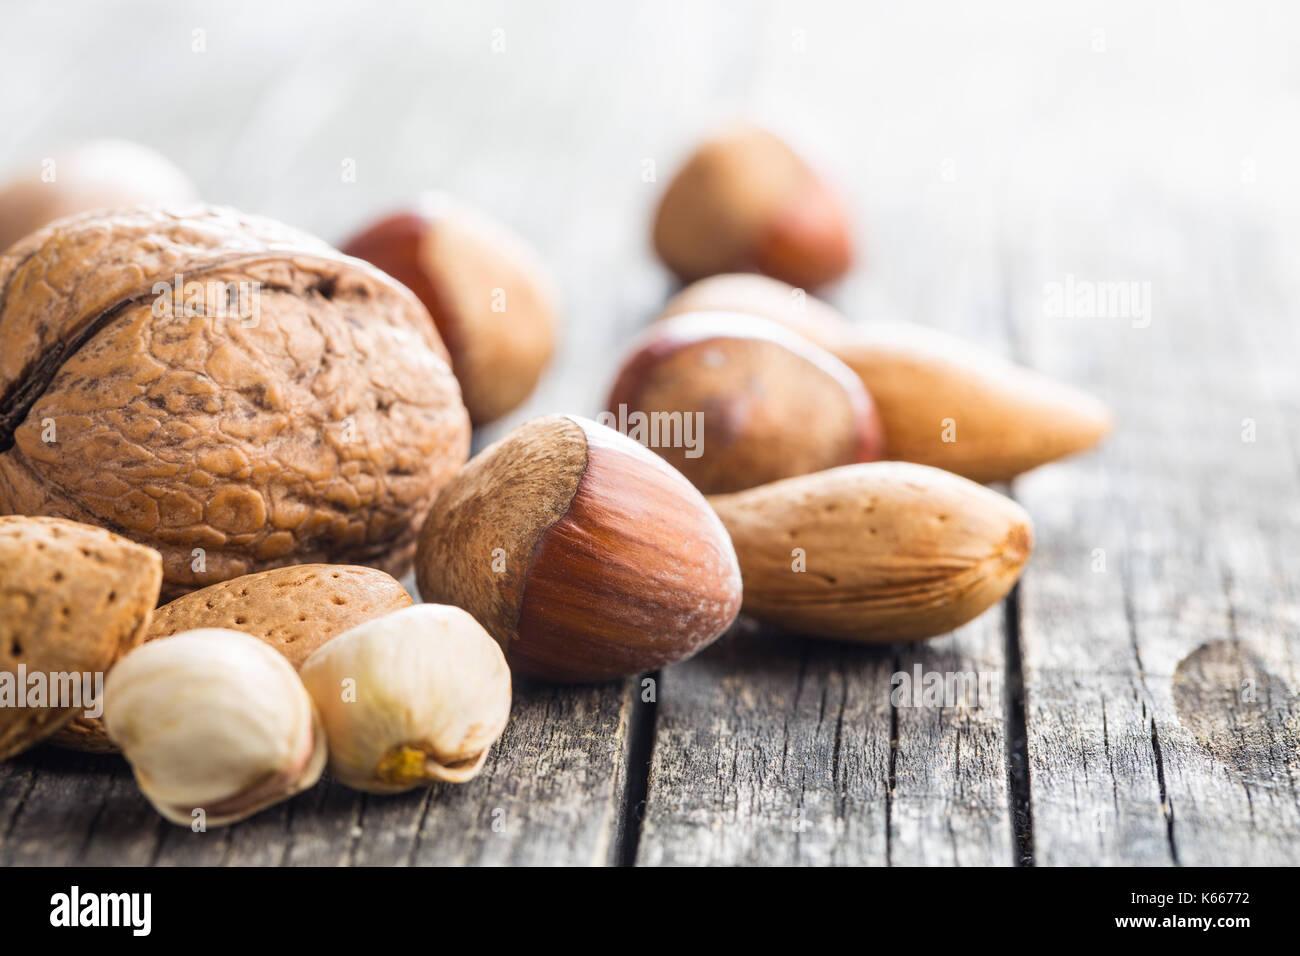 Los diferentes tipos de frutos secos en la cáscara de nuez. avellanas, nueces, almendras, nueces de nogal y los pistachos en la mesa de madera antigua. Imagen De Stock